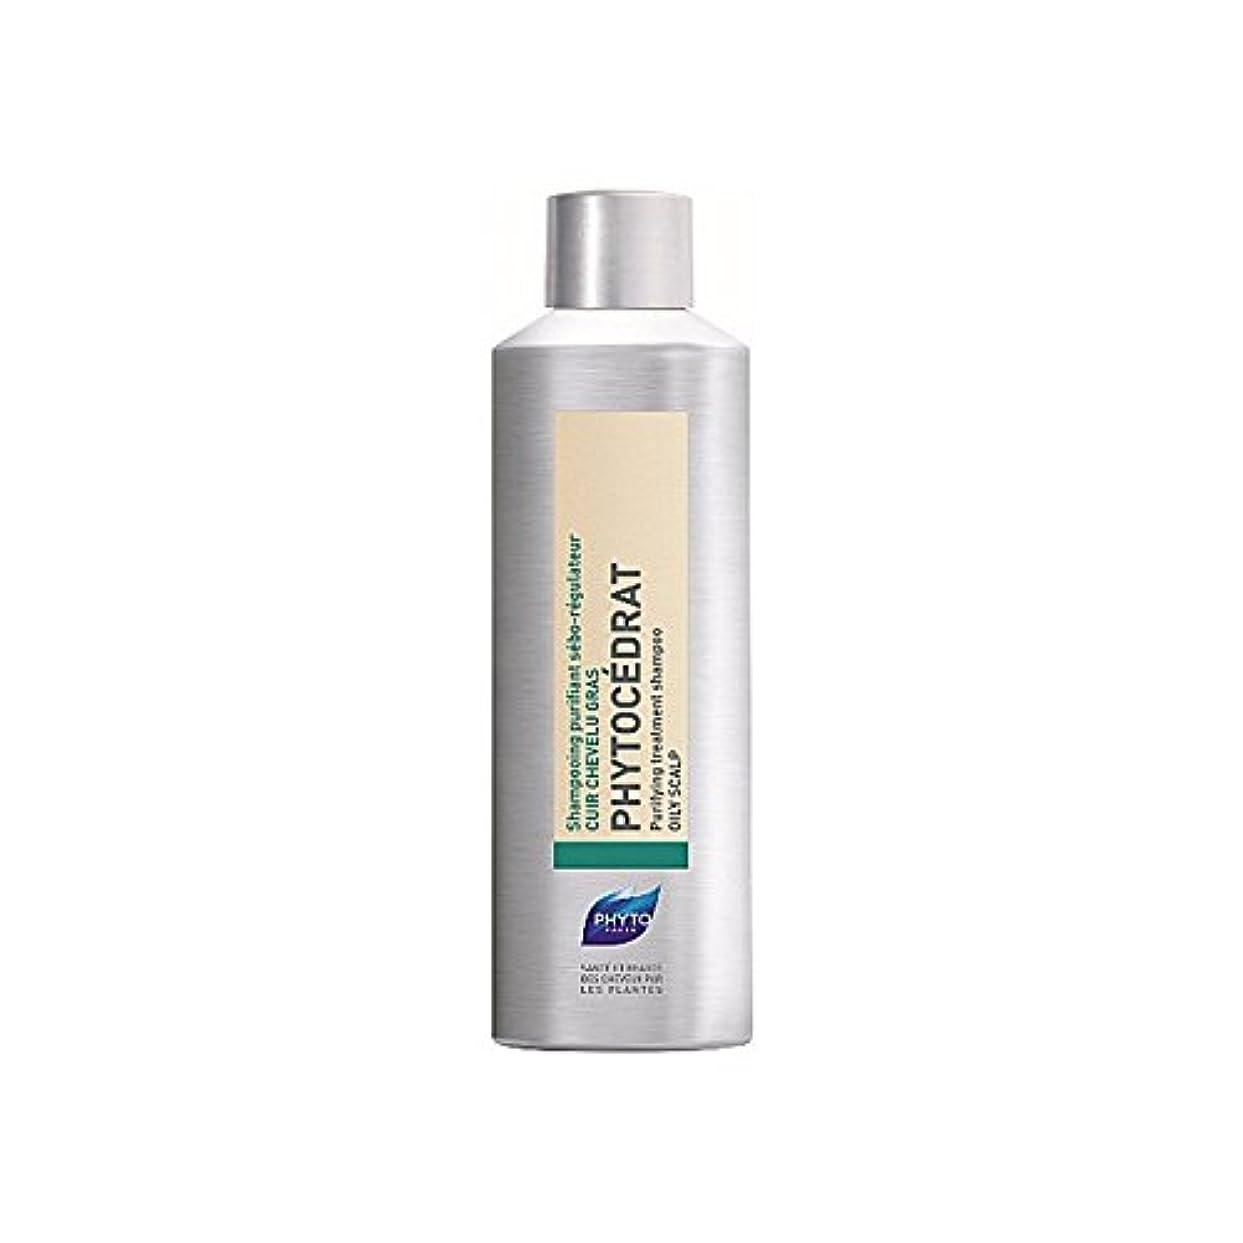 文明化する路面電車複製Phyto Phytocedrat Shampoo 200ml (Pack of 6) - フィトシャンプー200ミリリットル x6 [並行輸入品]